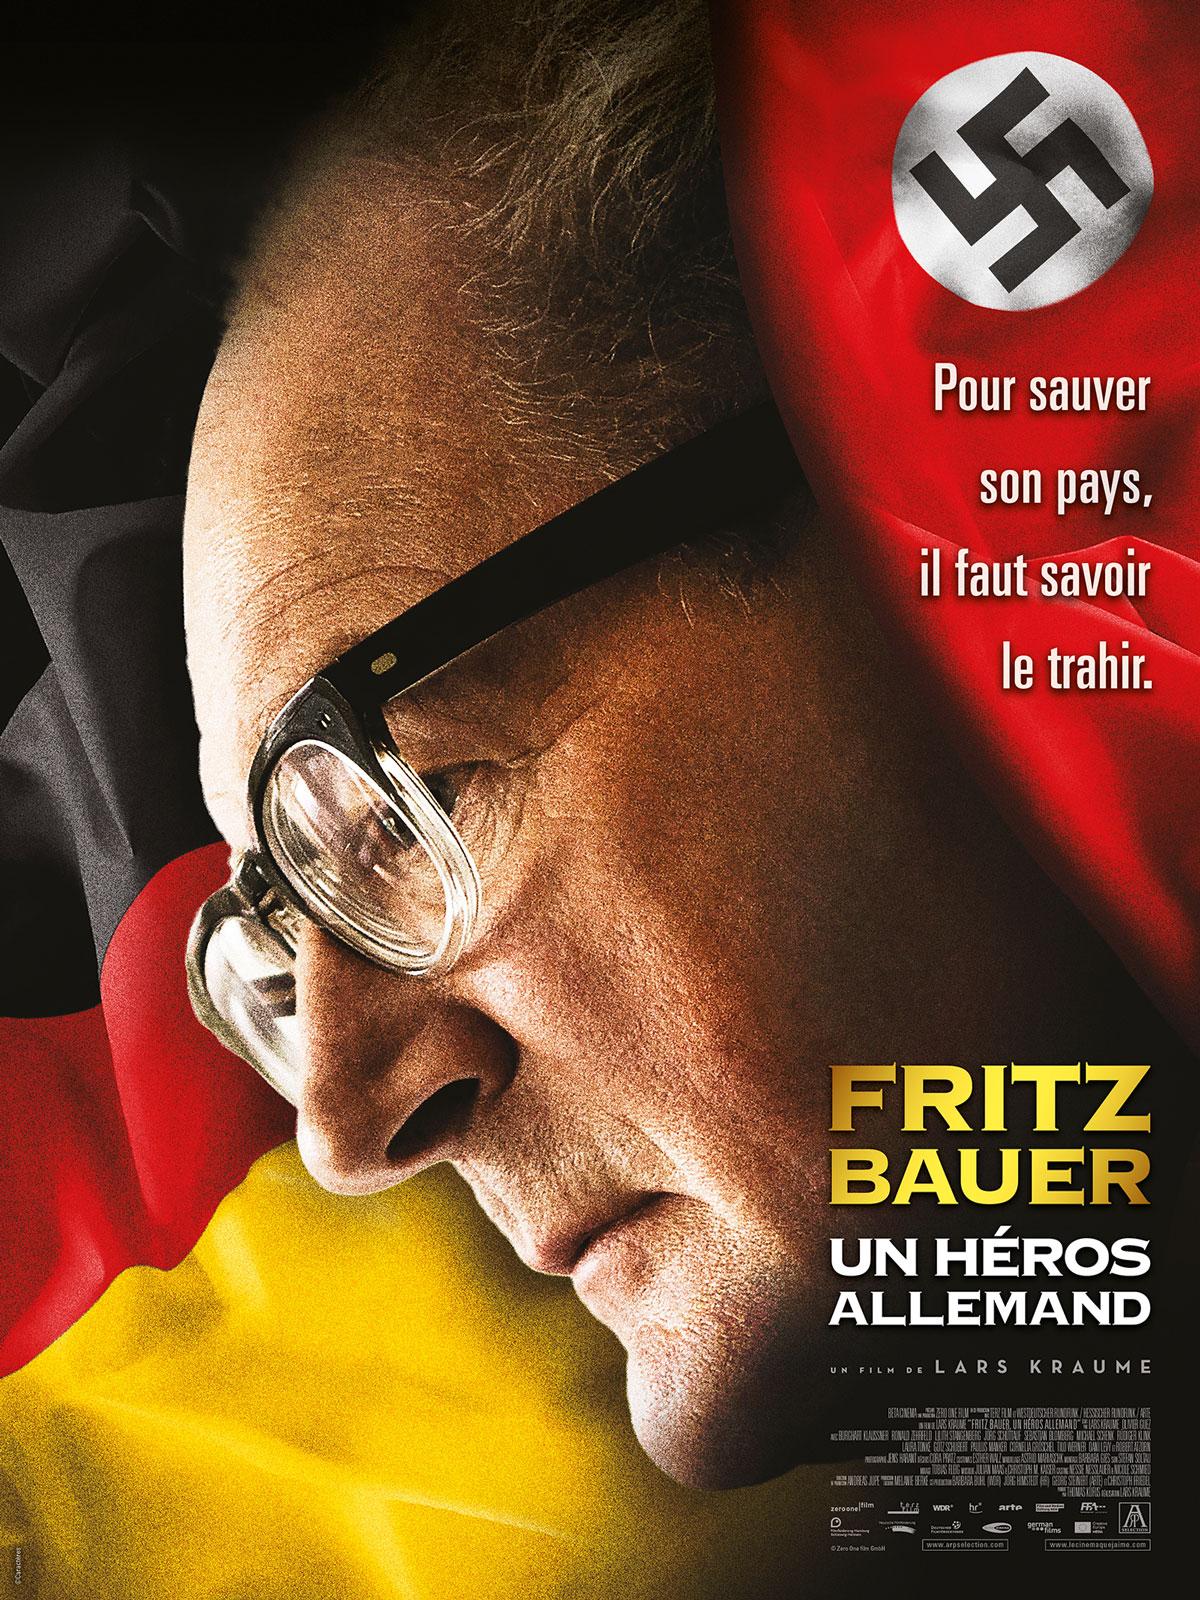 Fritz Bauer, un héros allemand Français HDRiP